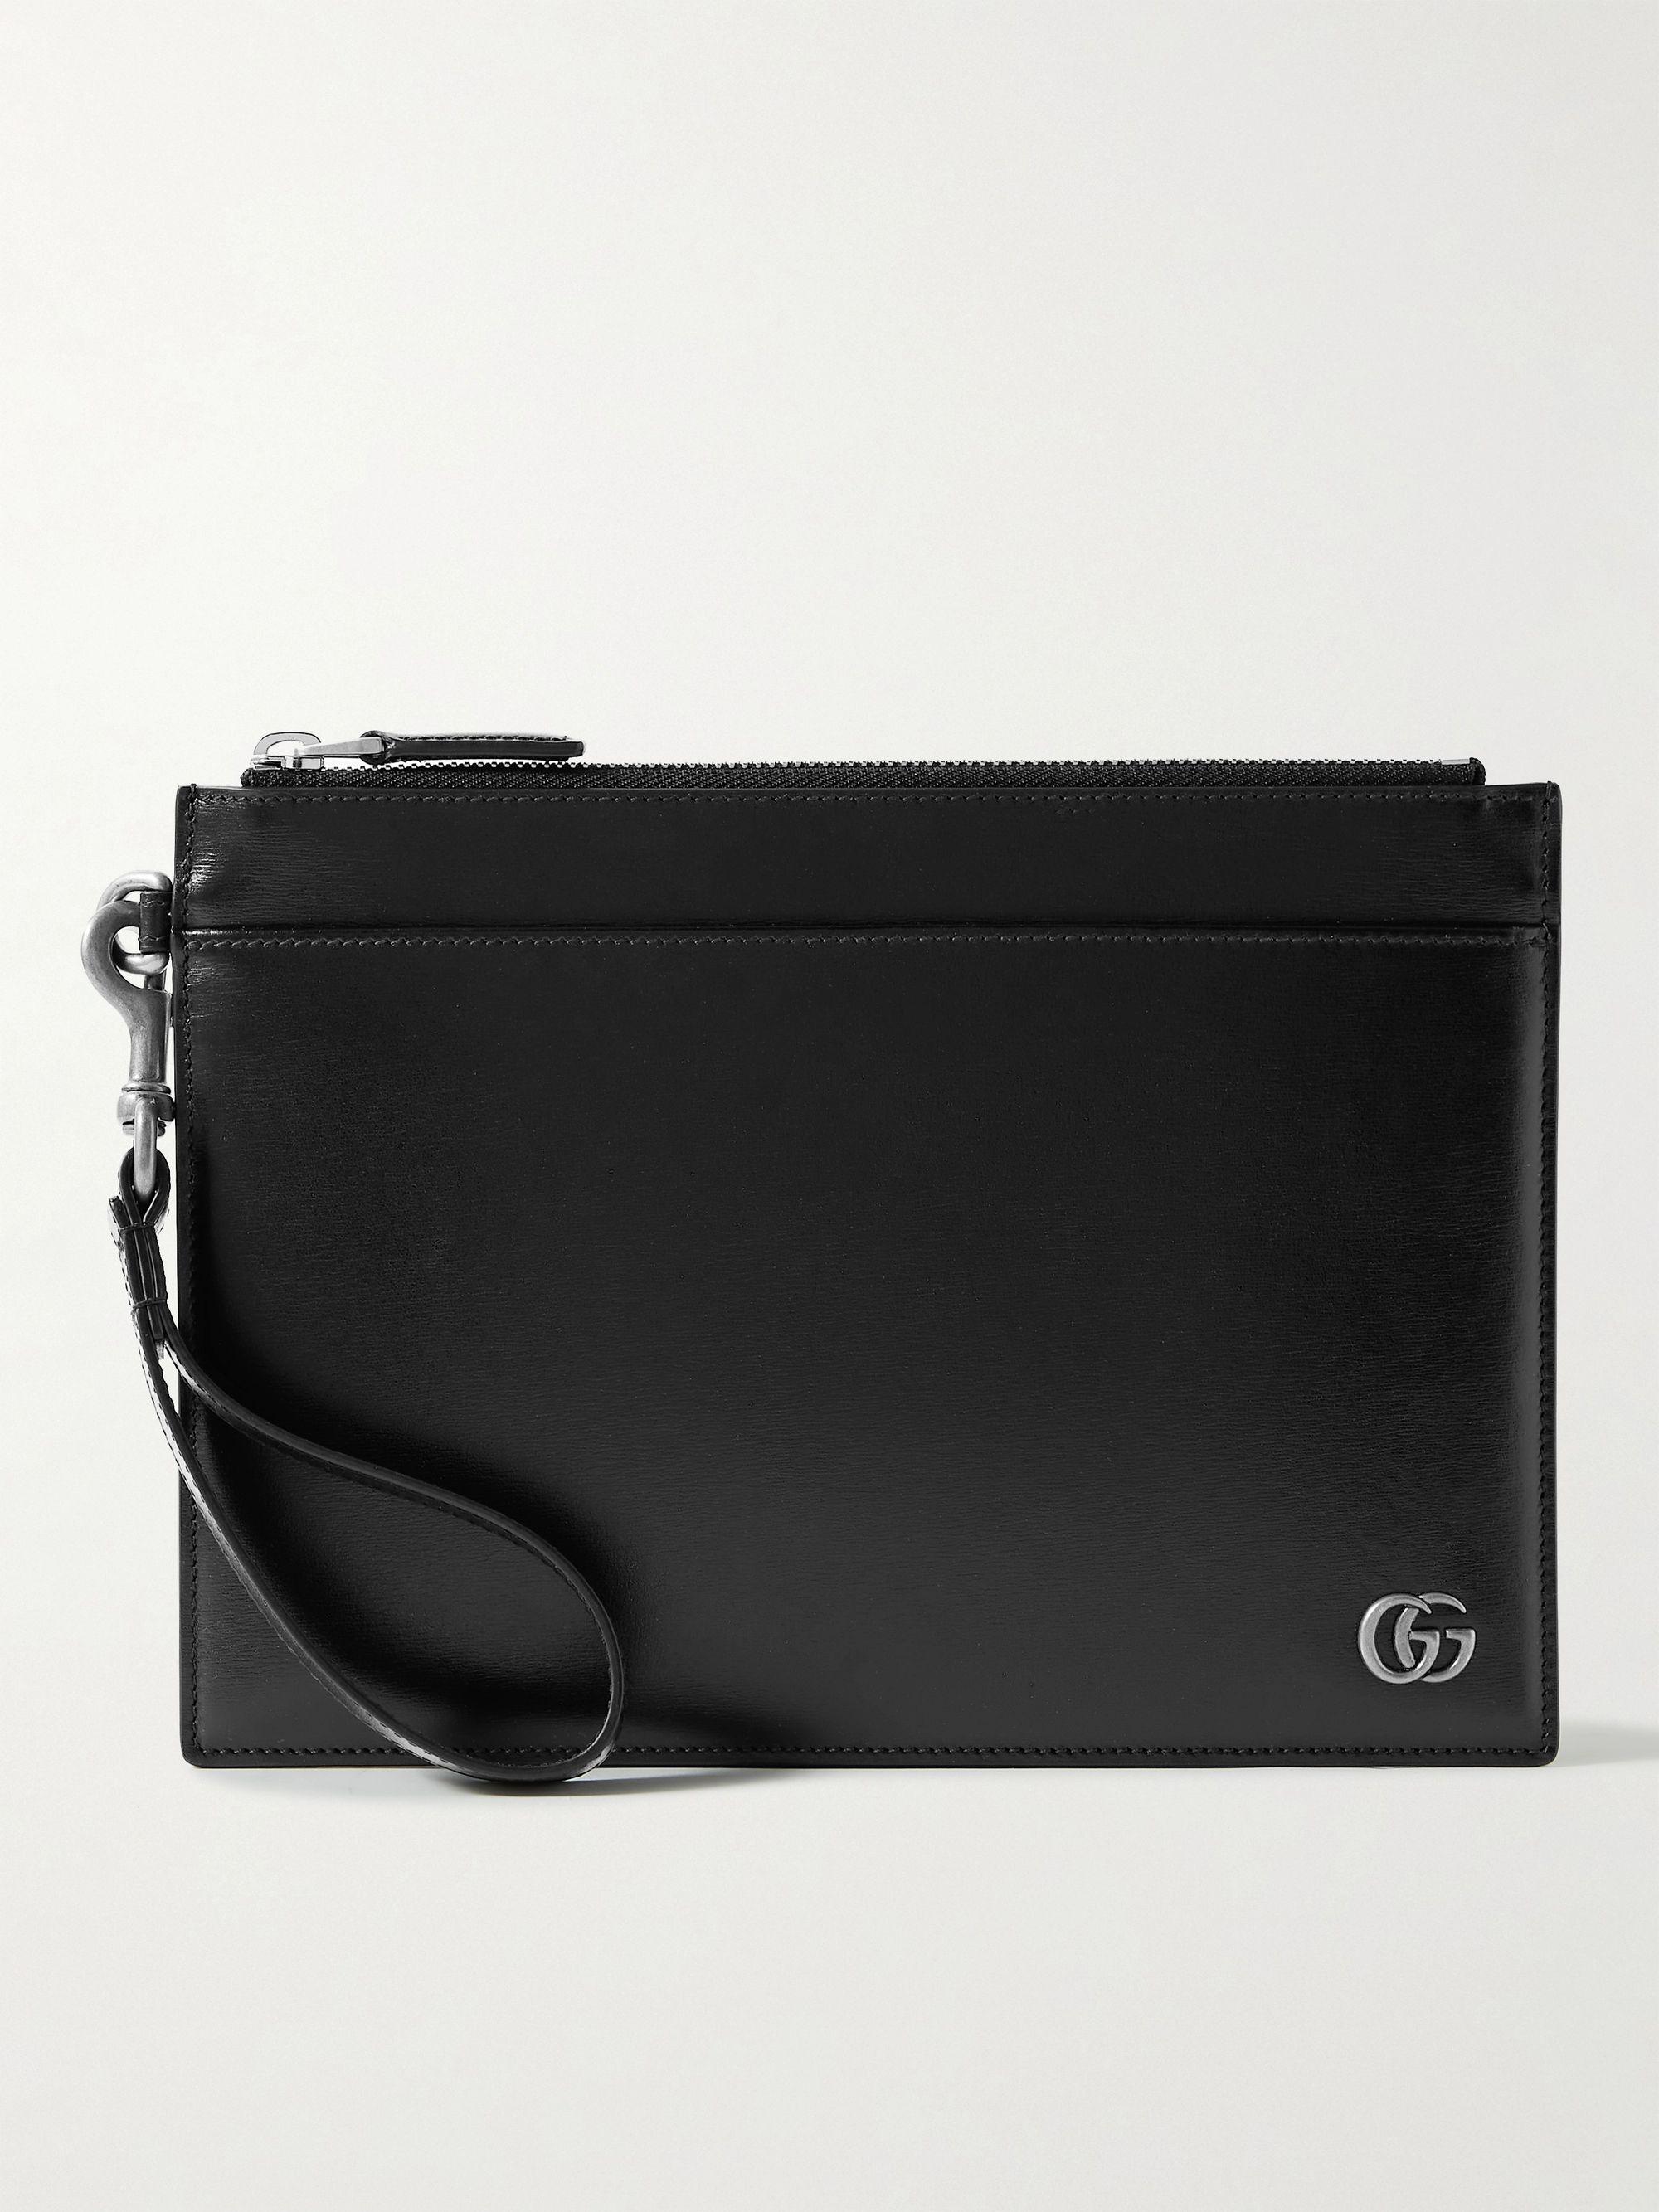 구찌 파우치 Gucci GG Marmont Leather Pouch,Black